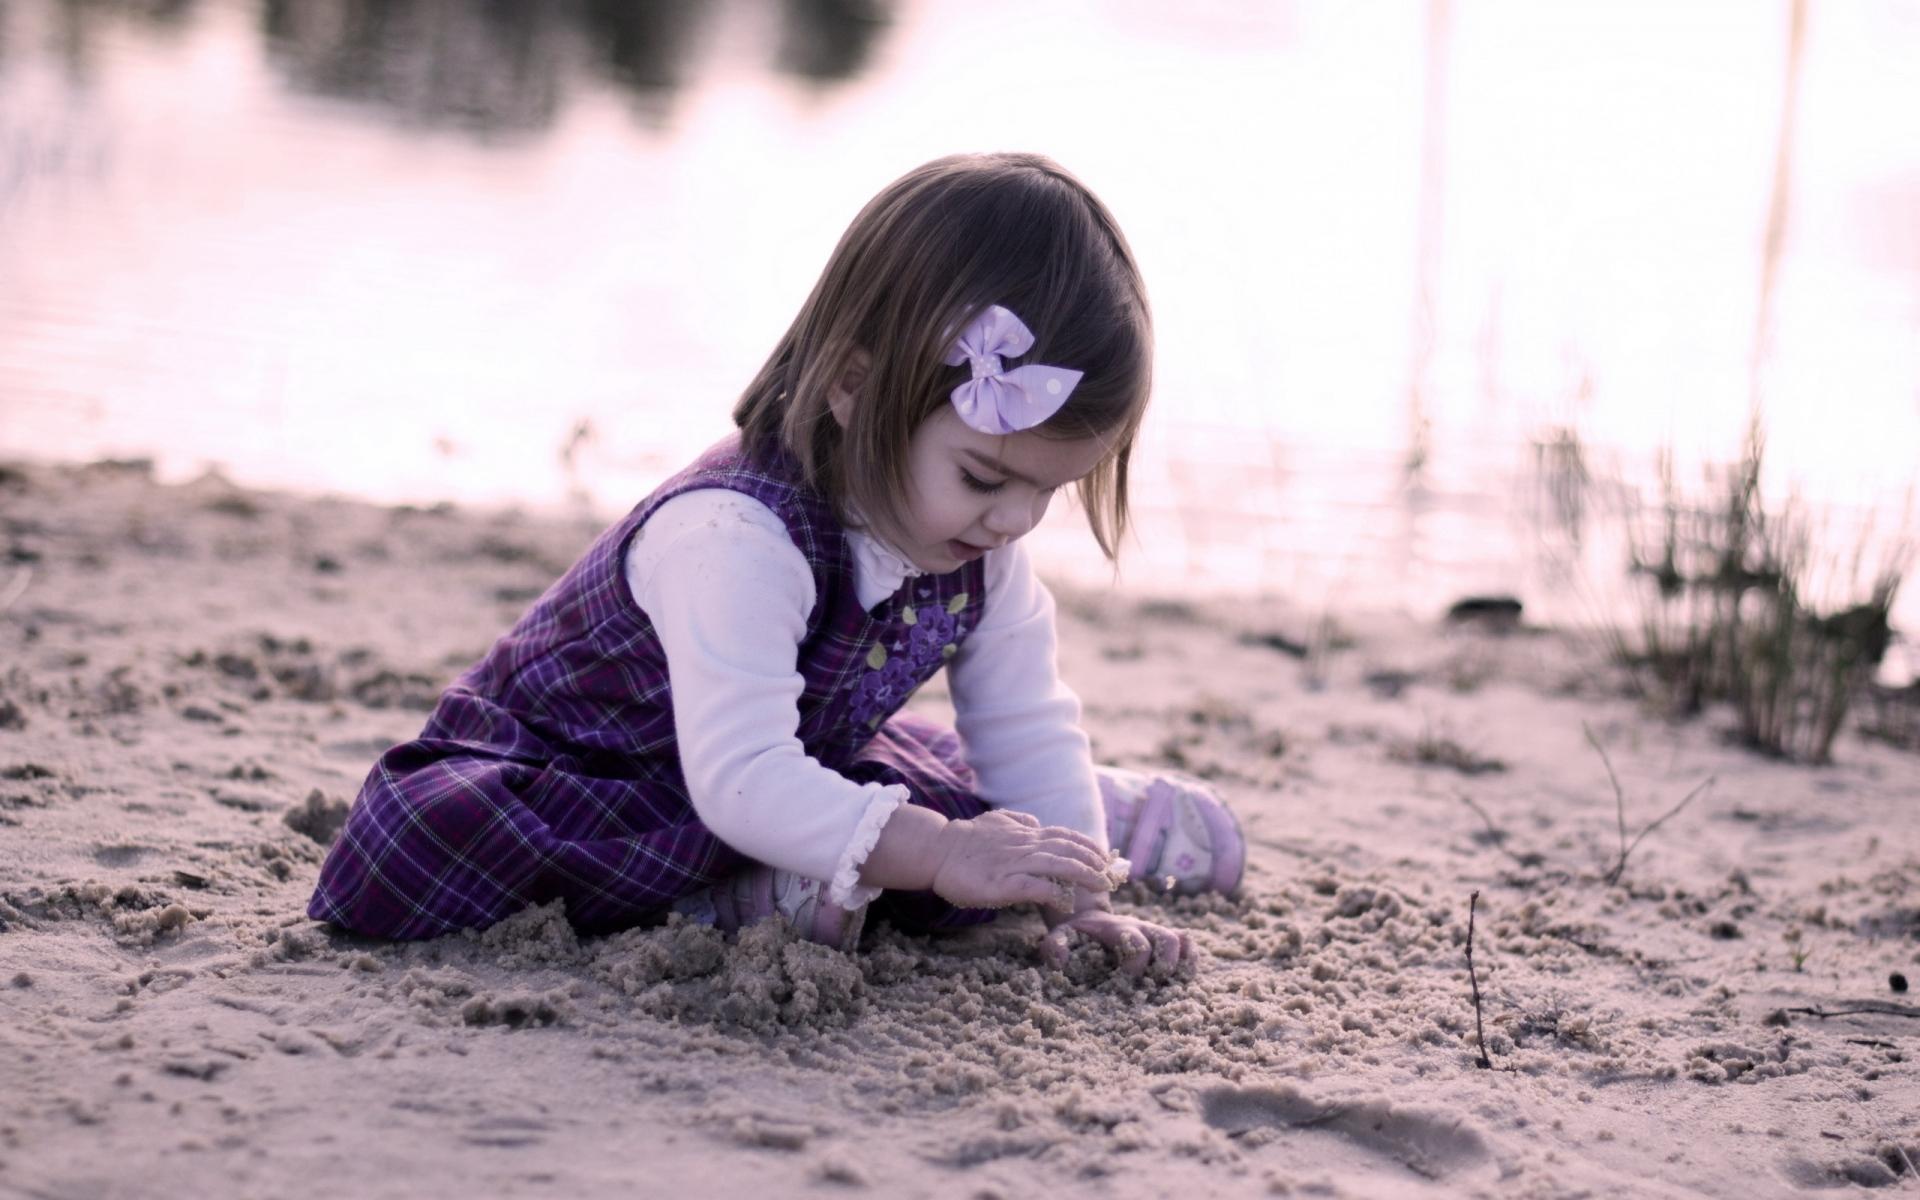 Картинки ребенок, девушка, песок, играть фото и обои на рабочий стол